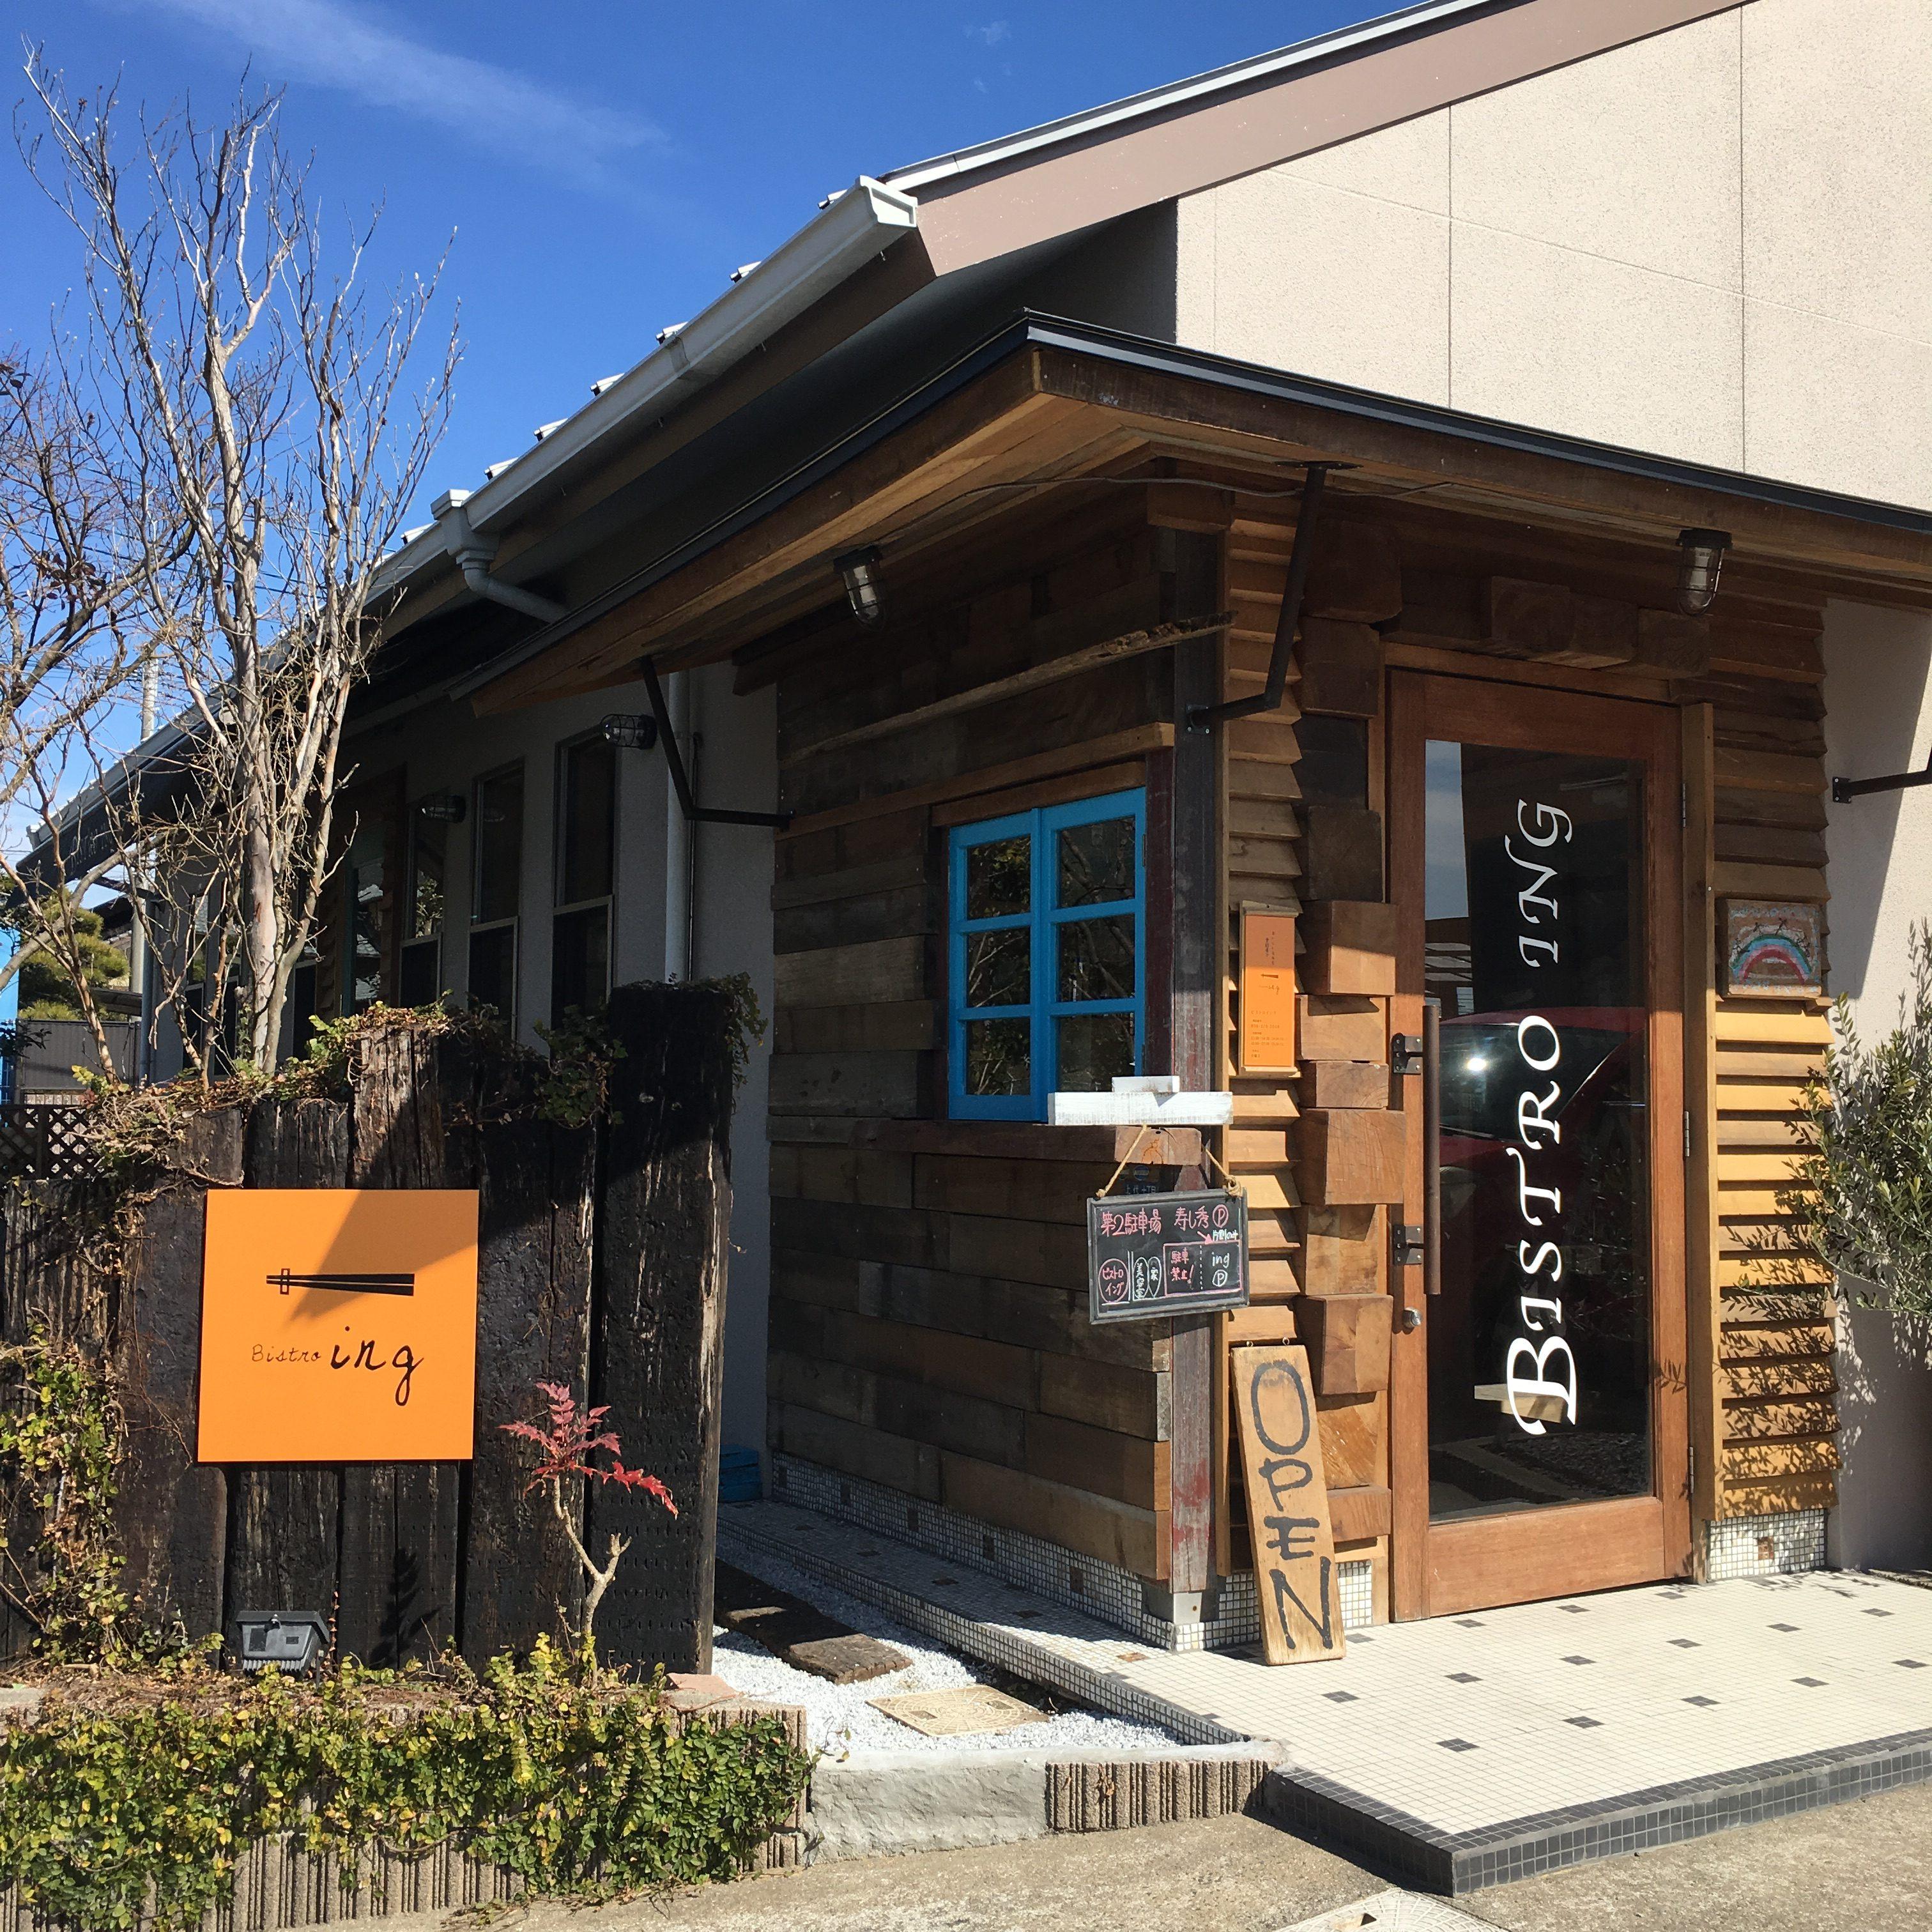 【ビストロイング】熊本上代の美味しい洋食店でランチしたよ@メニュー